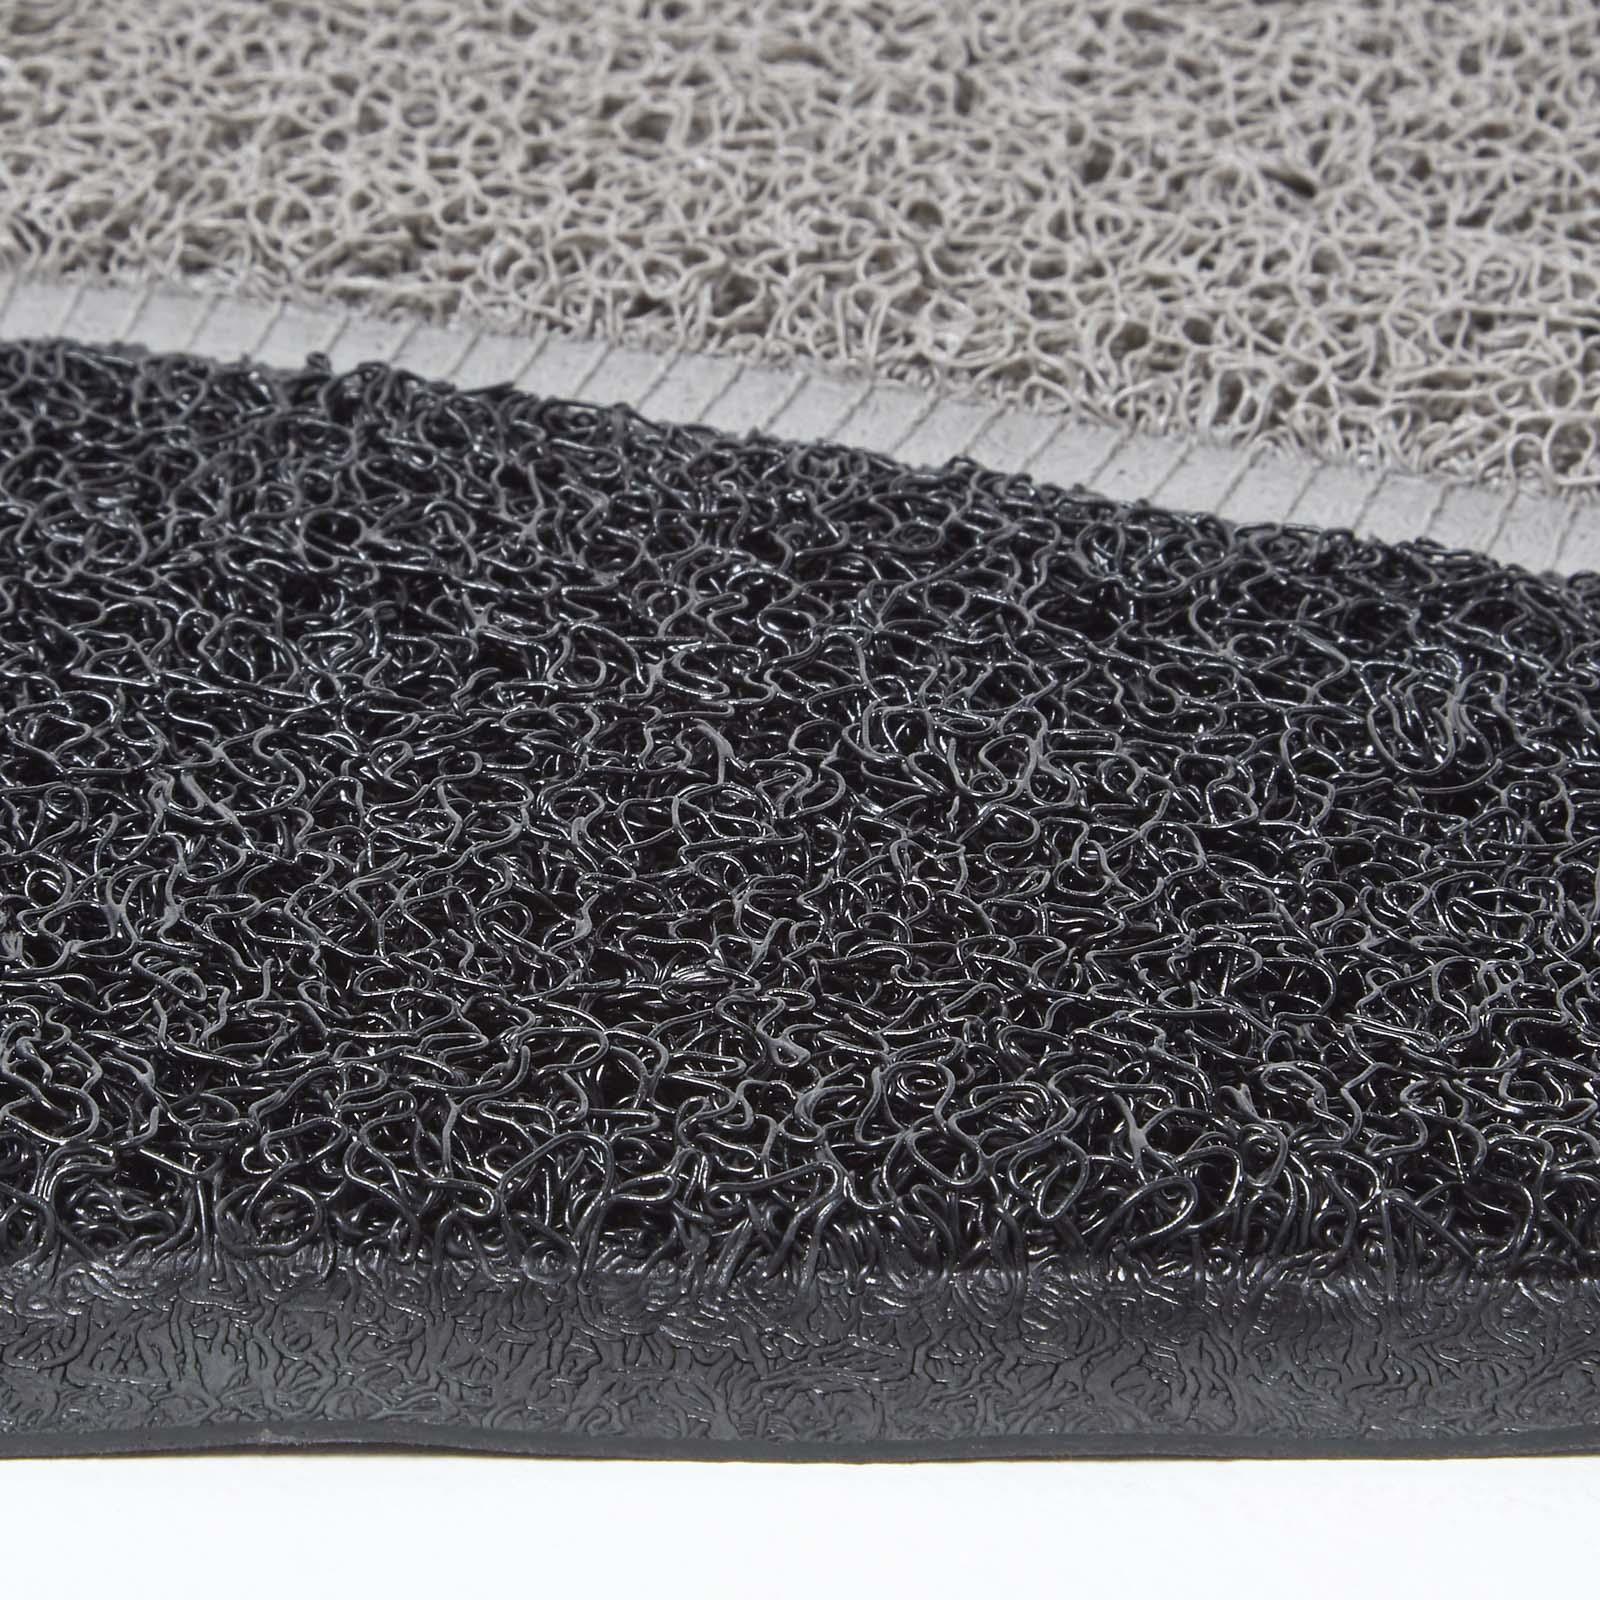 Non-Slip Rubber//PVC Welcome Floor Entrance Door Mat Indoor Outdoor Doormat